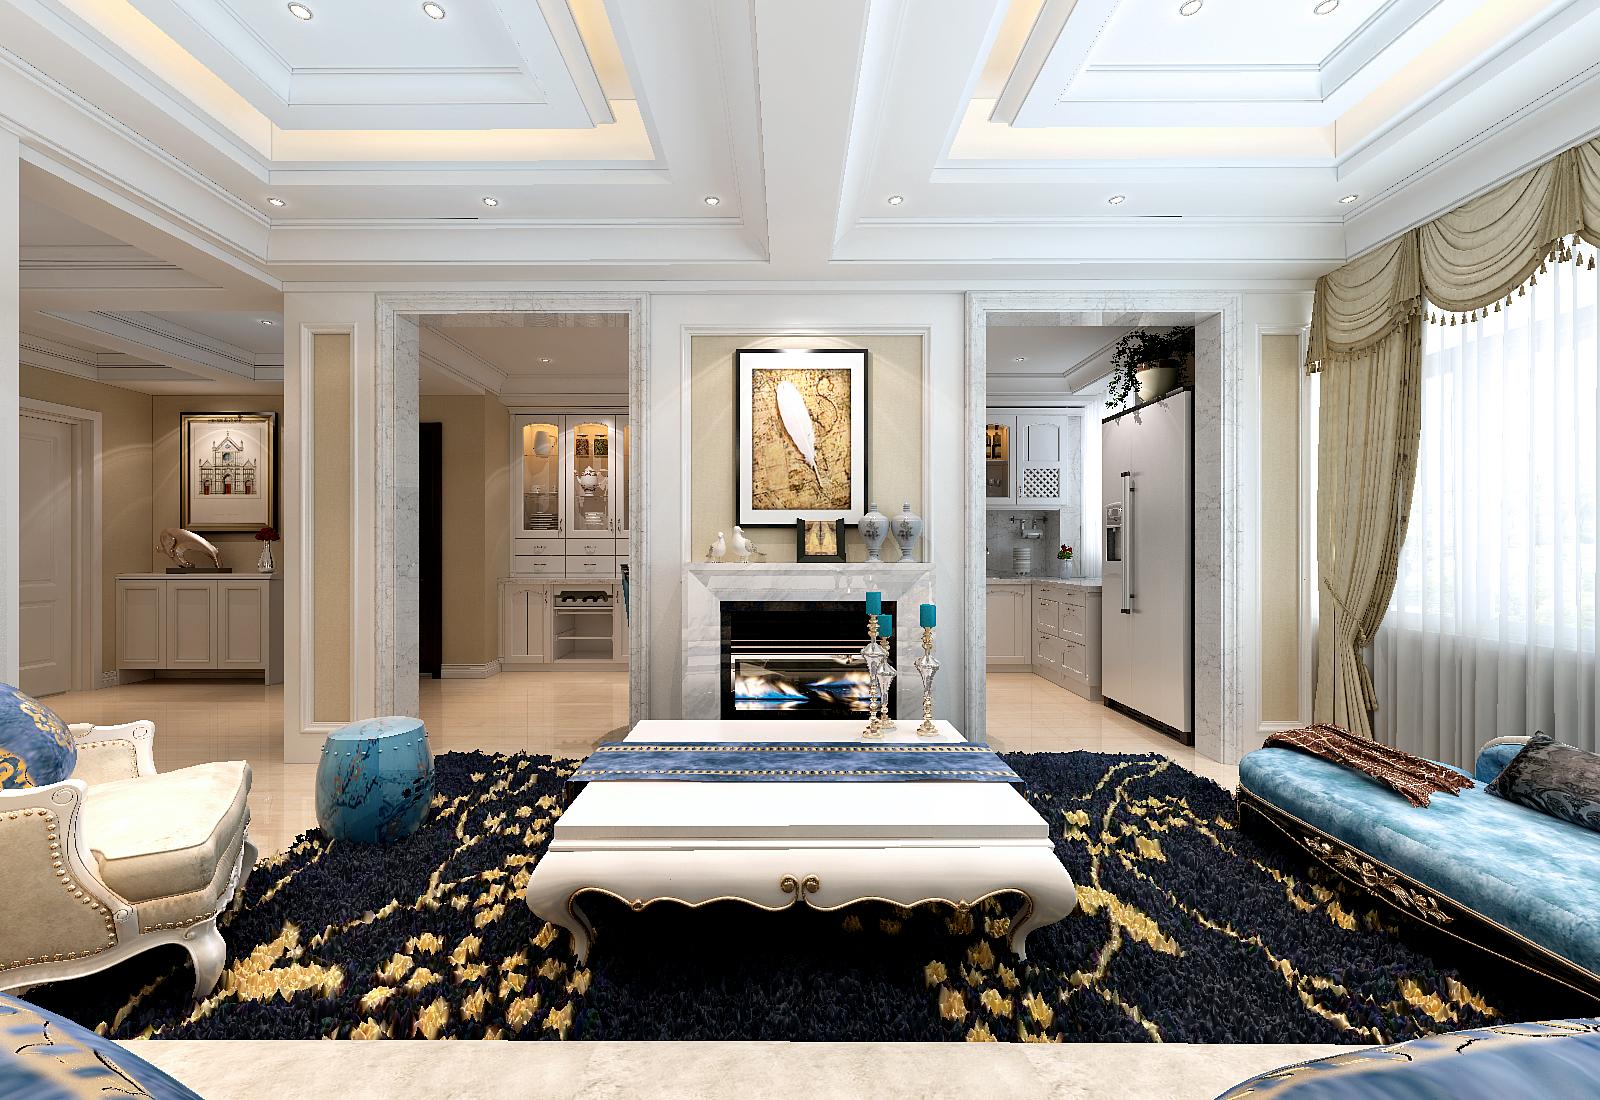 客厅中间有500mm大梁采用多层级吊顶,大石膏线拉伸层次,层次鲜明而不图片